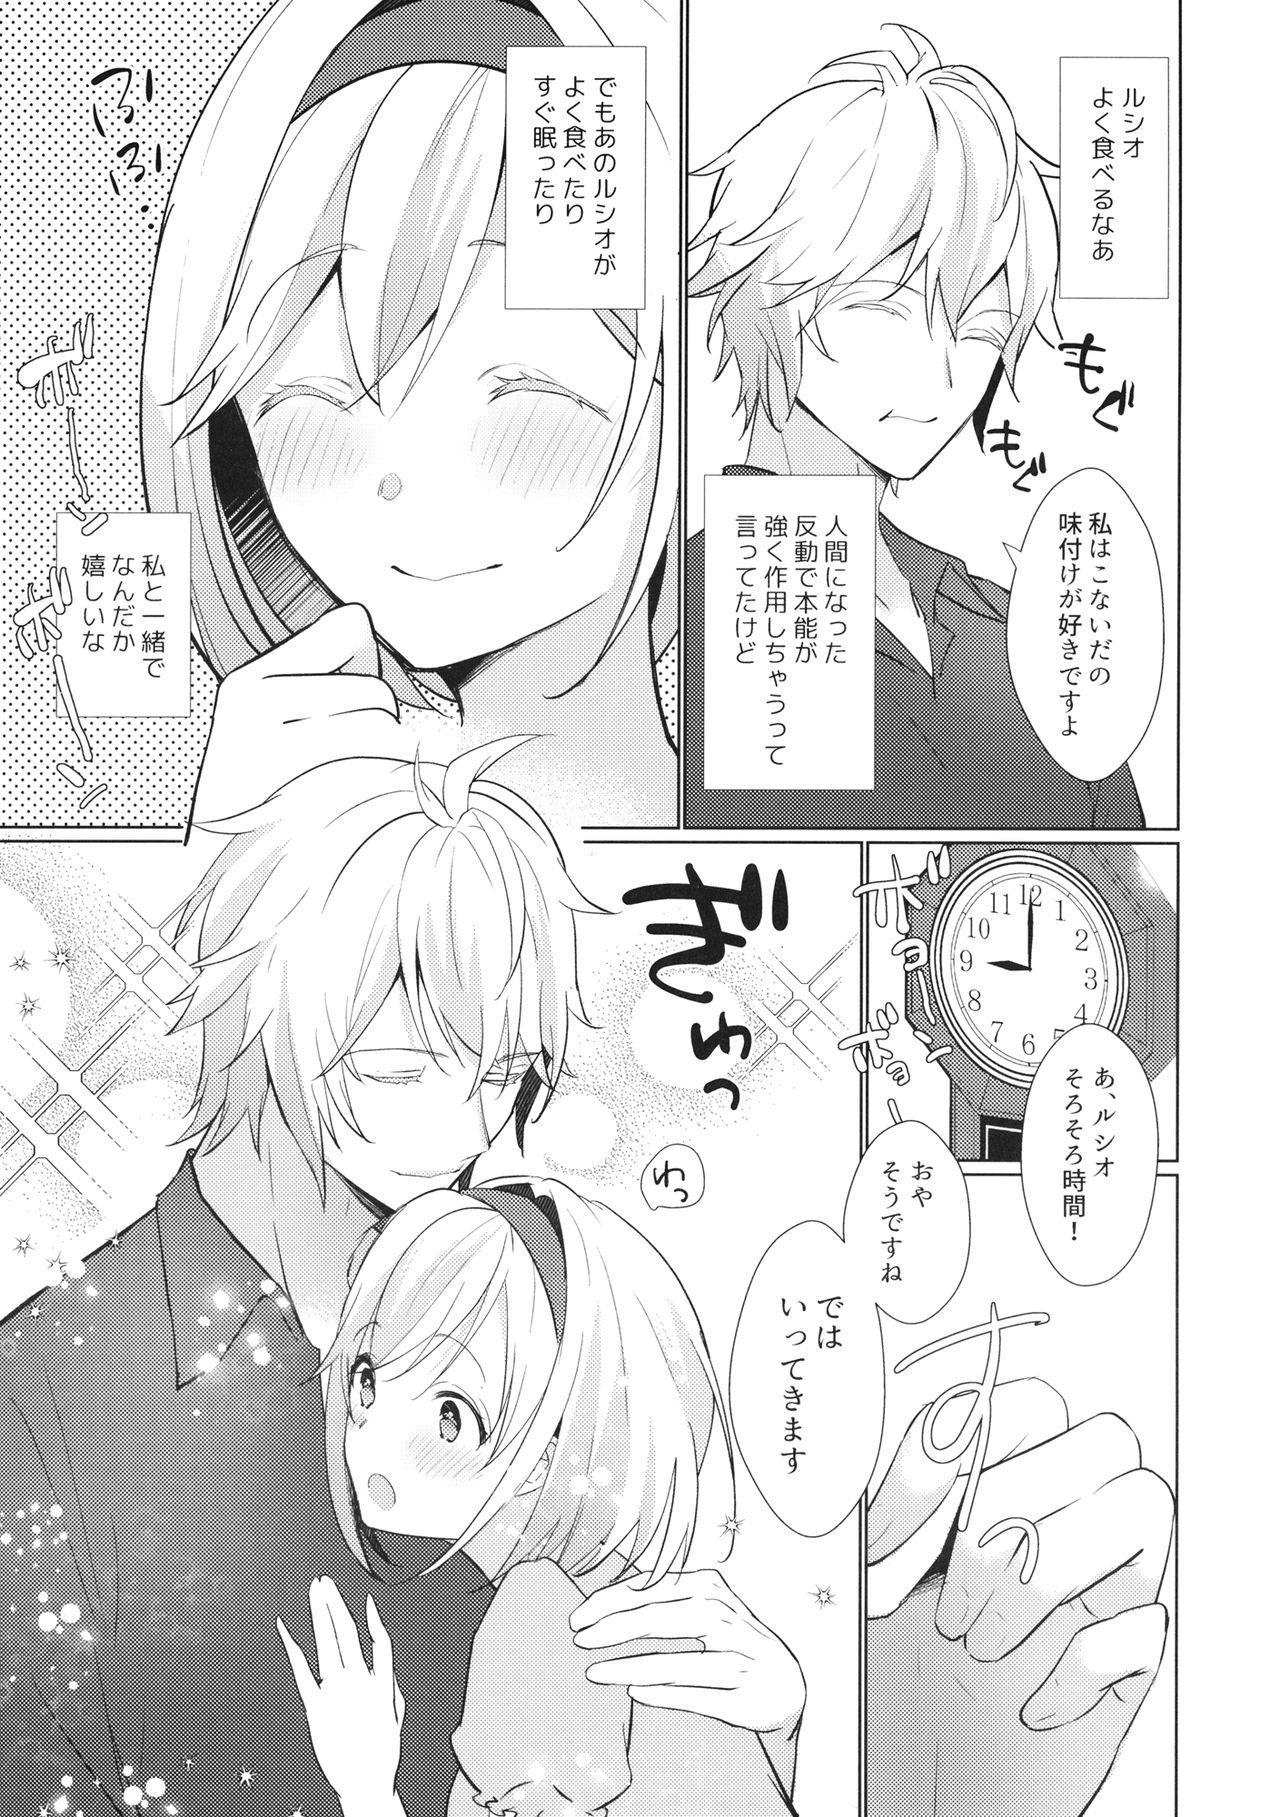 Jingai no Kare ga Ningen Seikatsu Hajimemashita 3